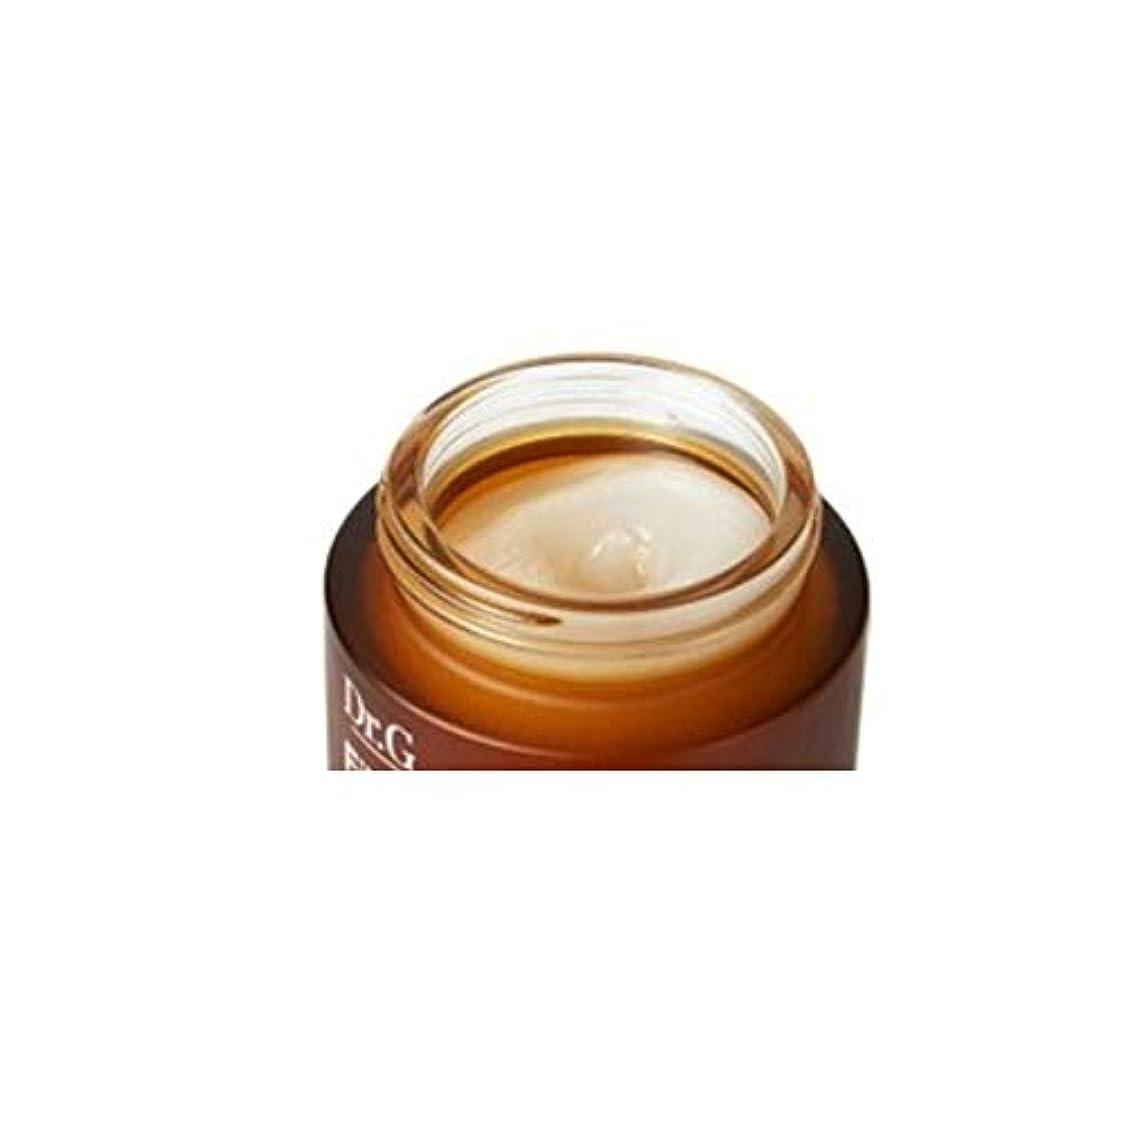 ストリッププレゼン歯科のドクターGピラーグリーンバリアBalm 50mlx2本セット お肌の保湿 韓国コスメ、Dr.G Filagrin Barrier Balm 50ml x 2ea Set Korean Cosmetics [並行輸入品]